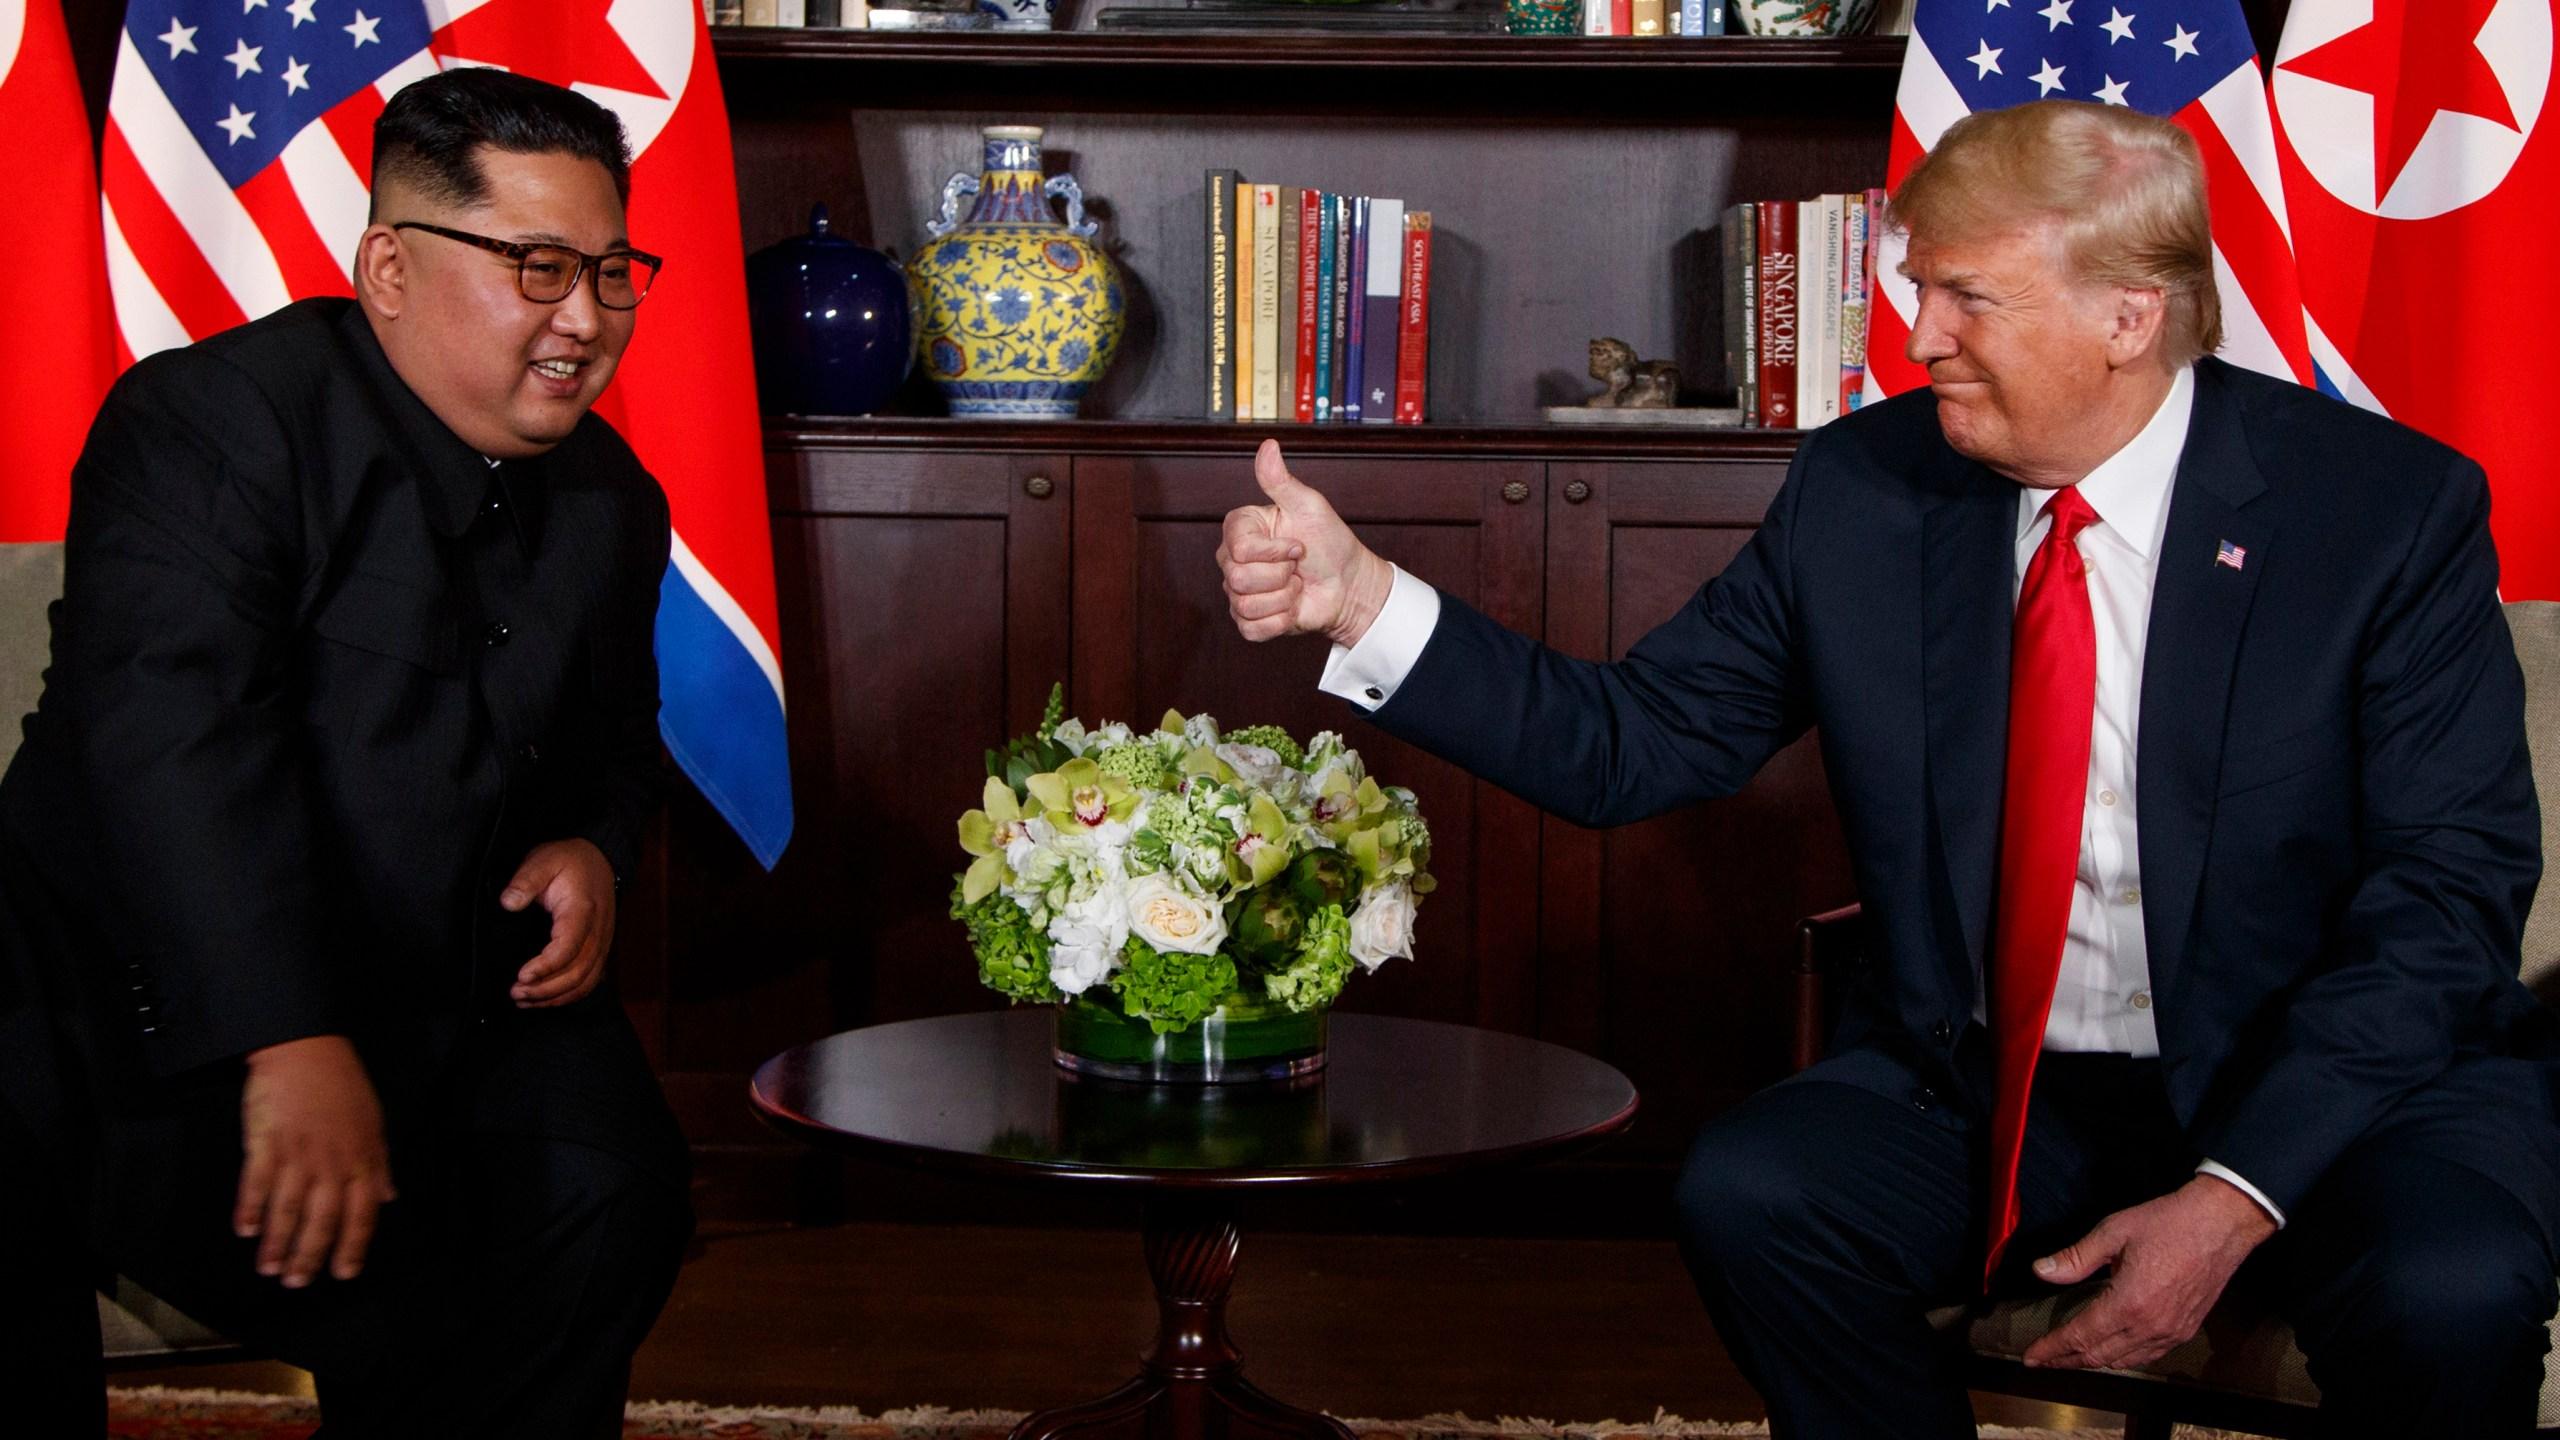 Trump_Kim_Summit_The_Prosperity_Problem_08193-159532.jpg97307436